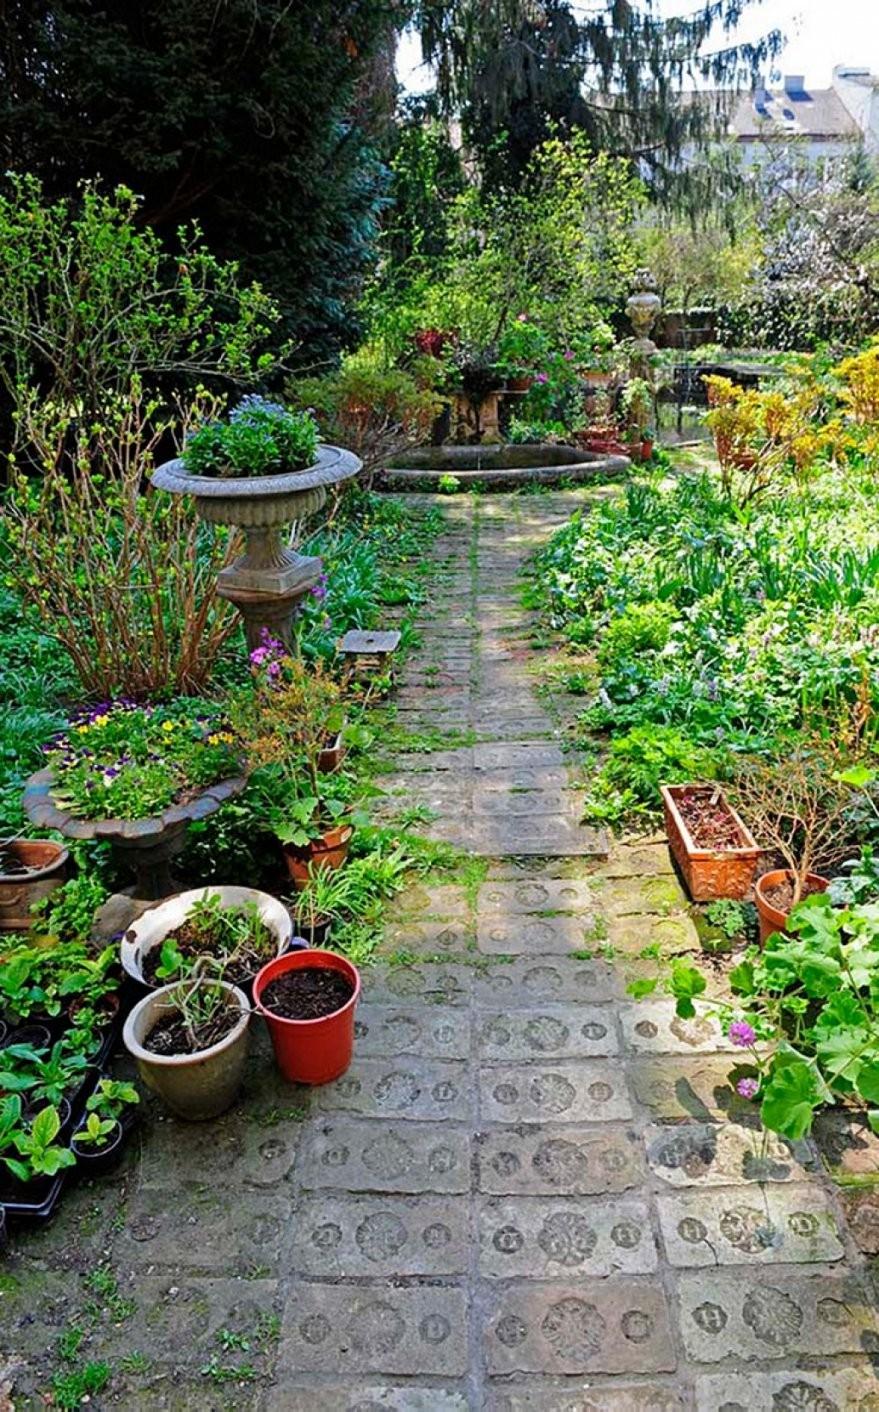 Fabelhafte Garten Verschönern Mit Steinen Inspiration Fr Den Garten von Garten Verschönern Mit Steinen Photo